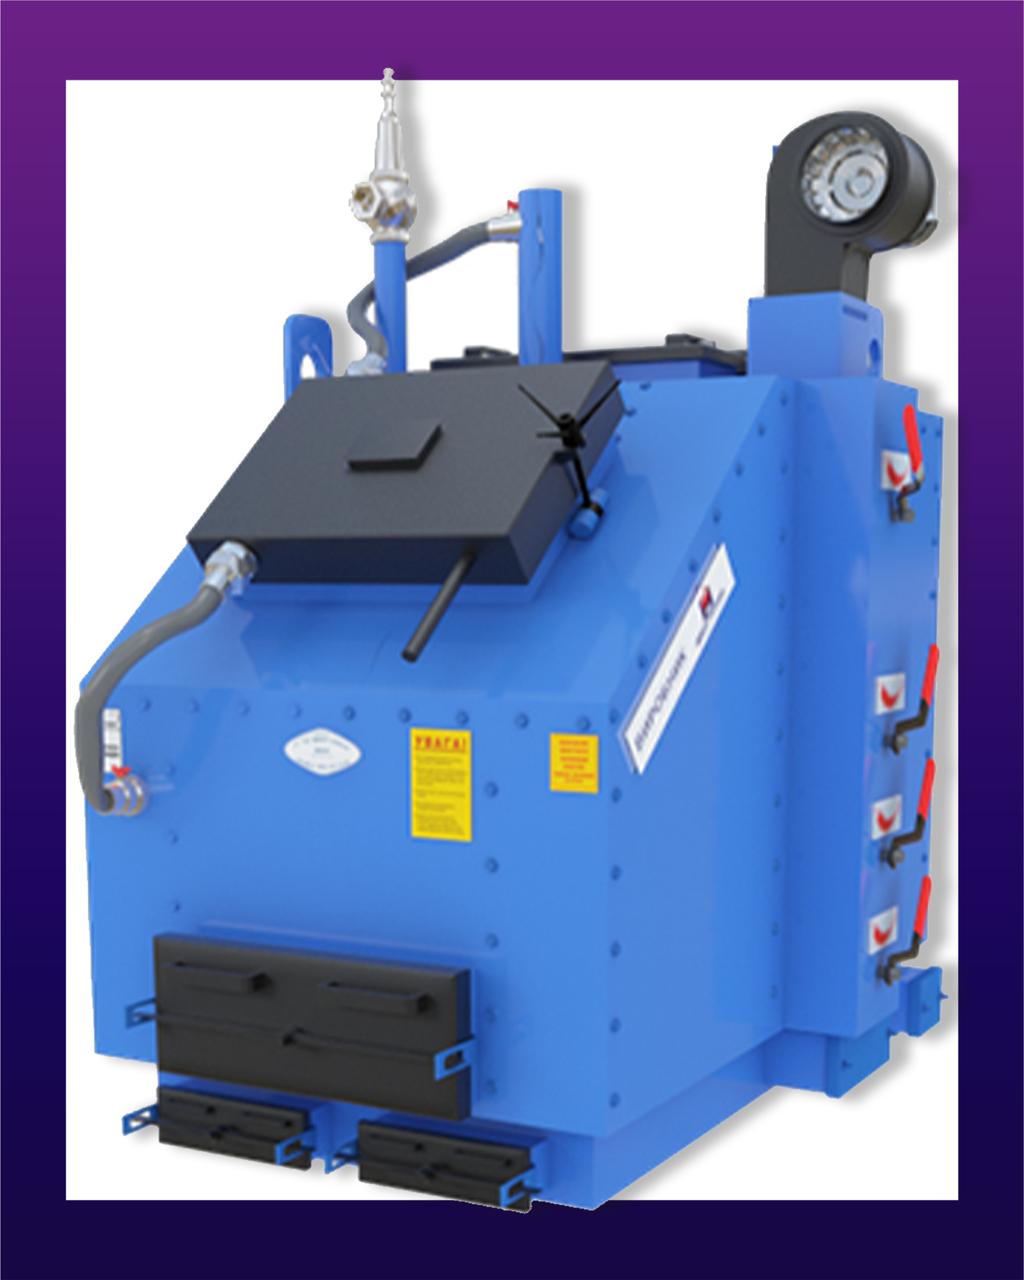 Промышленный твердотопливный котел Топтермо КВ-ЖСН 200 кВт